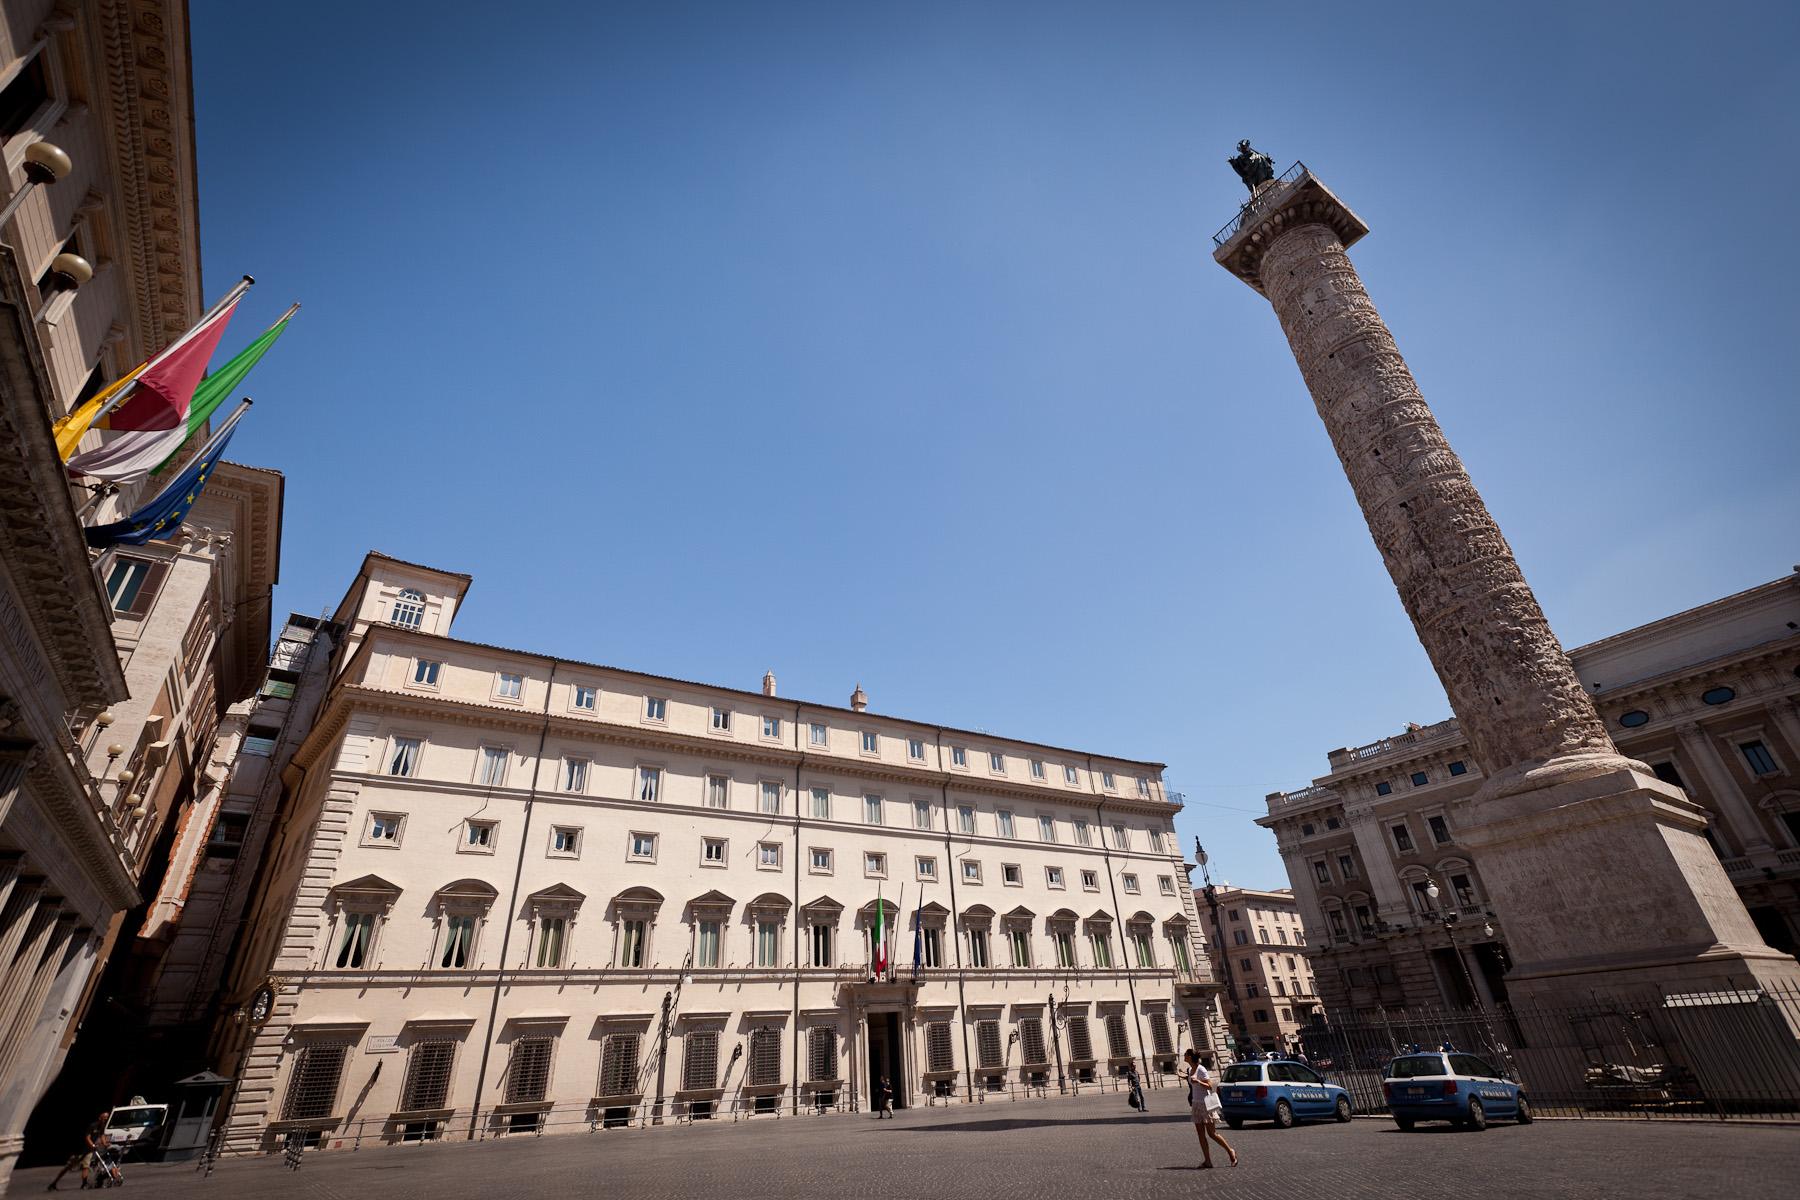 Palazzo Chigi - photo credit: jimmyweee